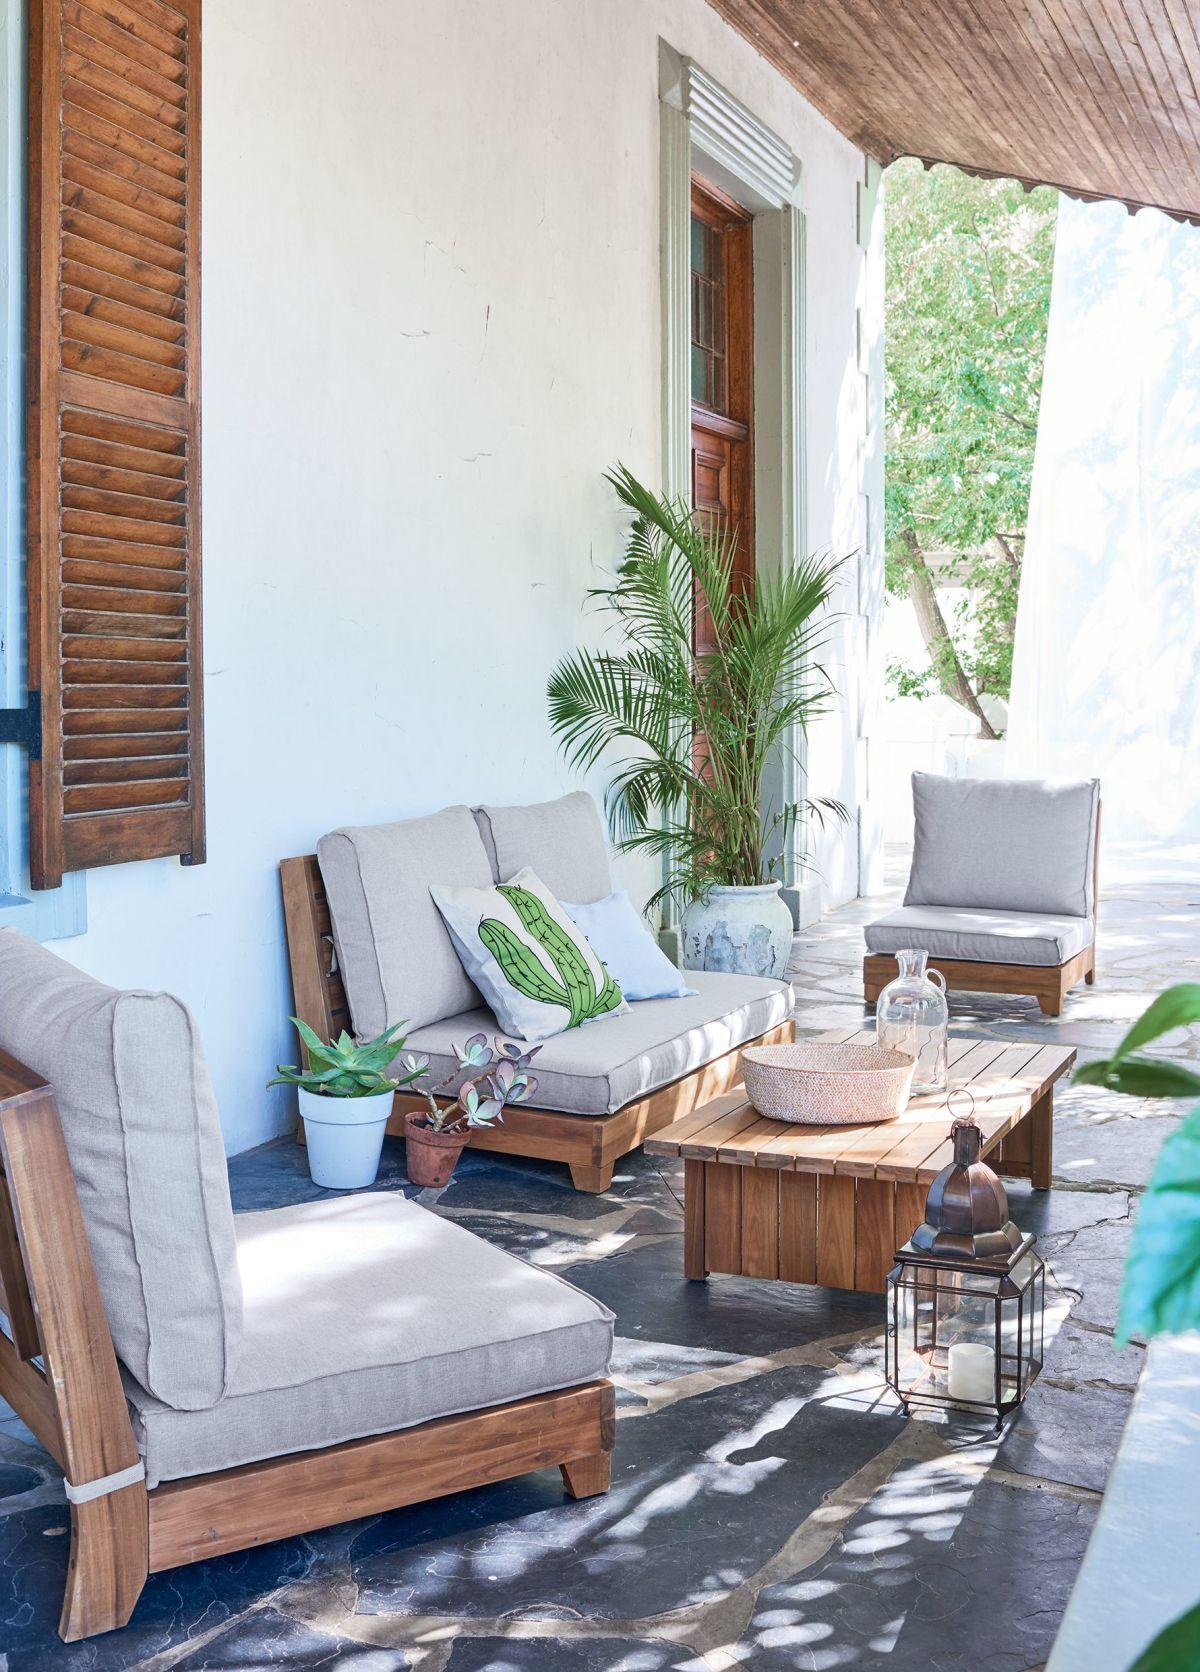 Outdoor Sofa Garten   moebeldeal.com   versandkostenfreie ...